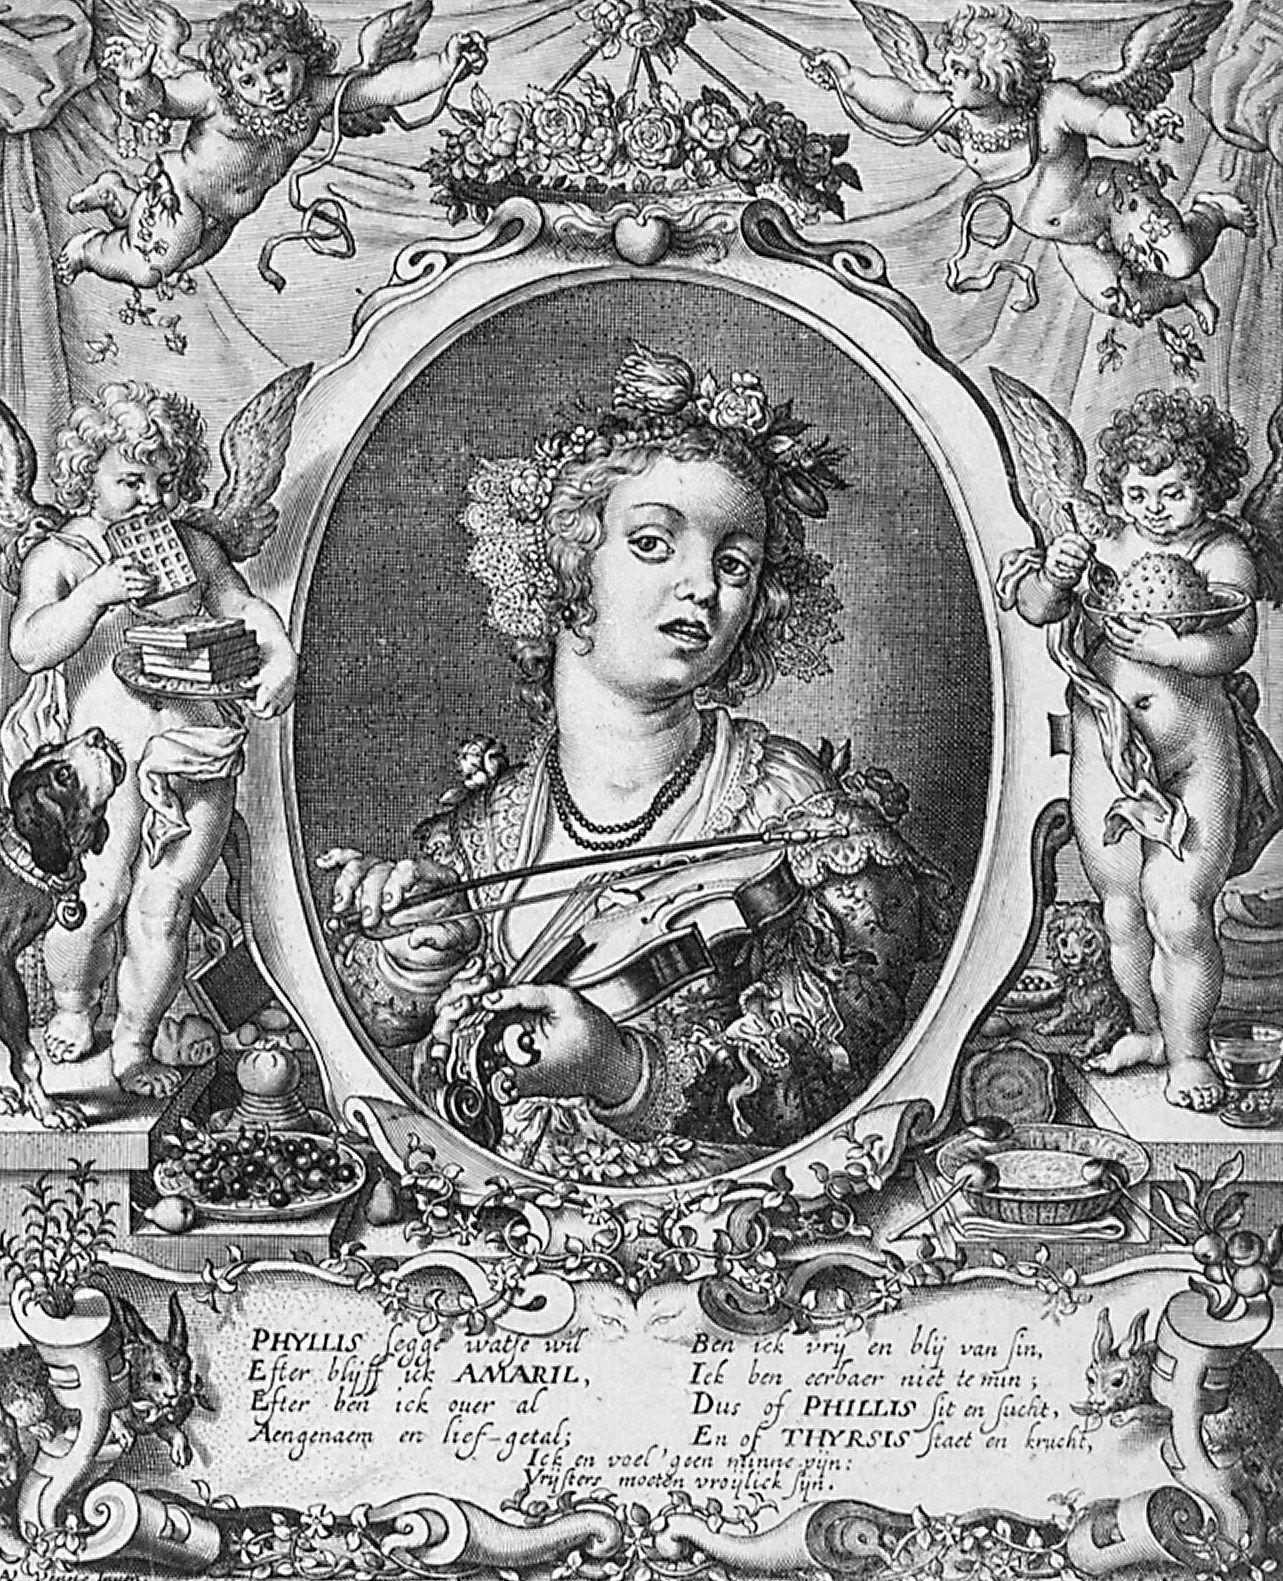 Tekening van Adriaen van de Venne met gedicht van Cats uit Galathee ofte harder minneklachte 's-Gravenhage 1629. (Zeeuws Archief, coll. Zeeuws Genootschap, Zelandia Illustrata)